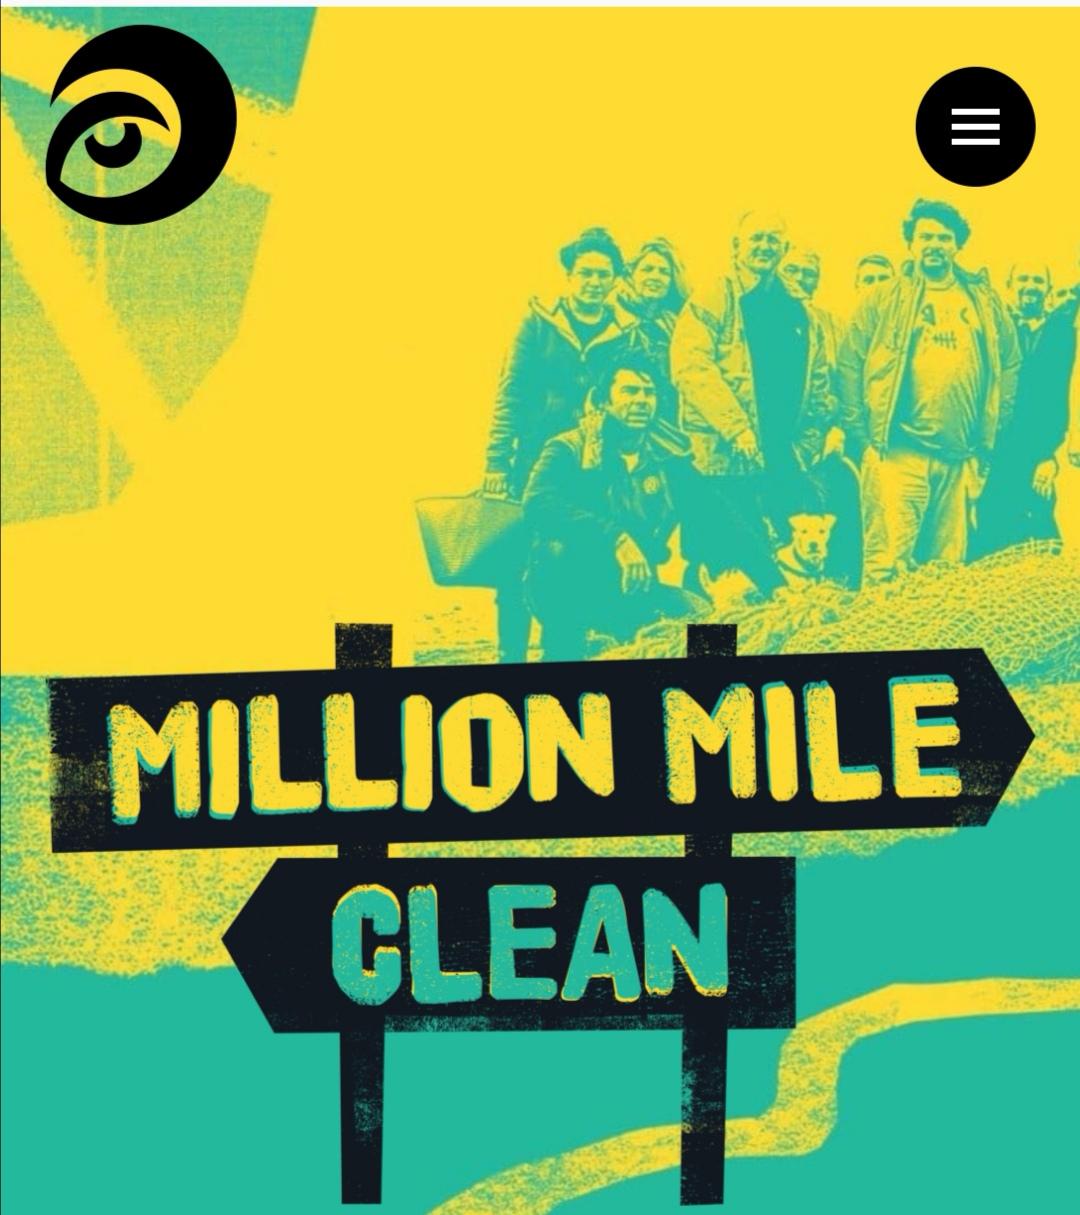 Million Mile Clean